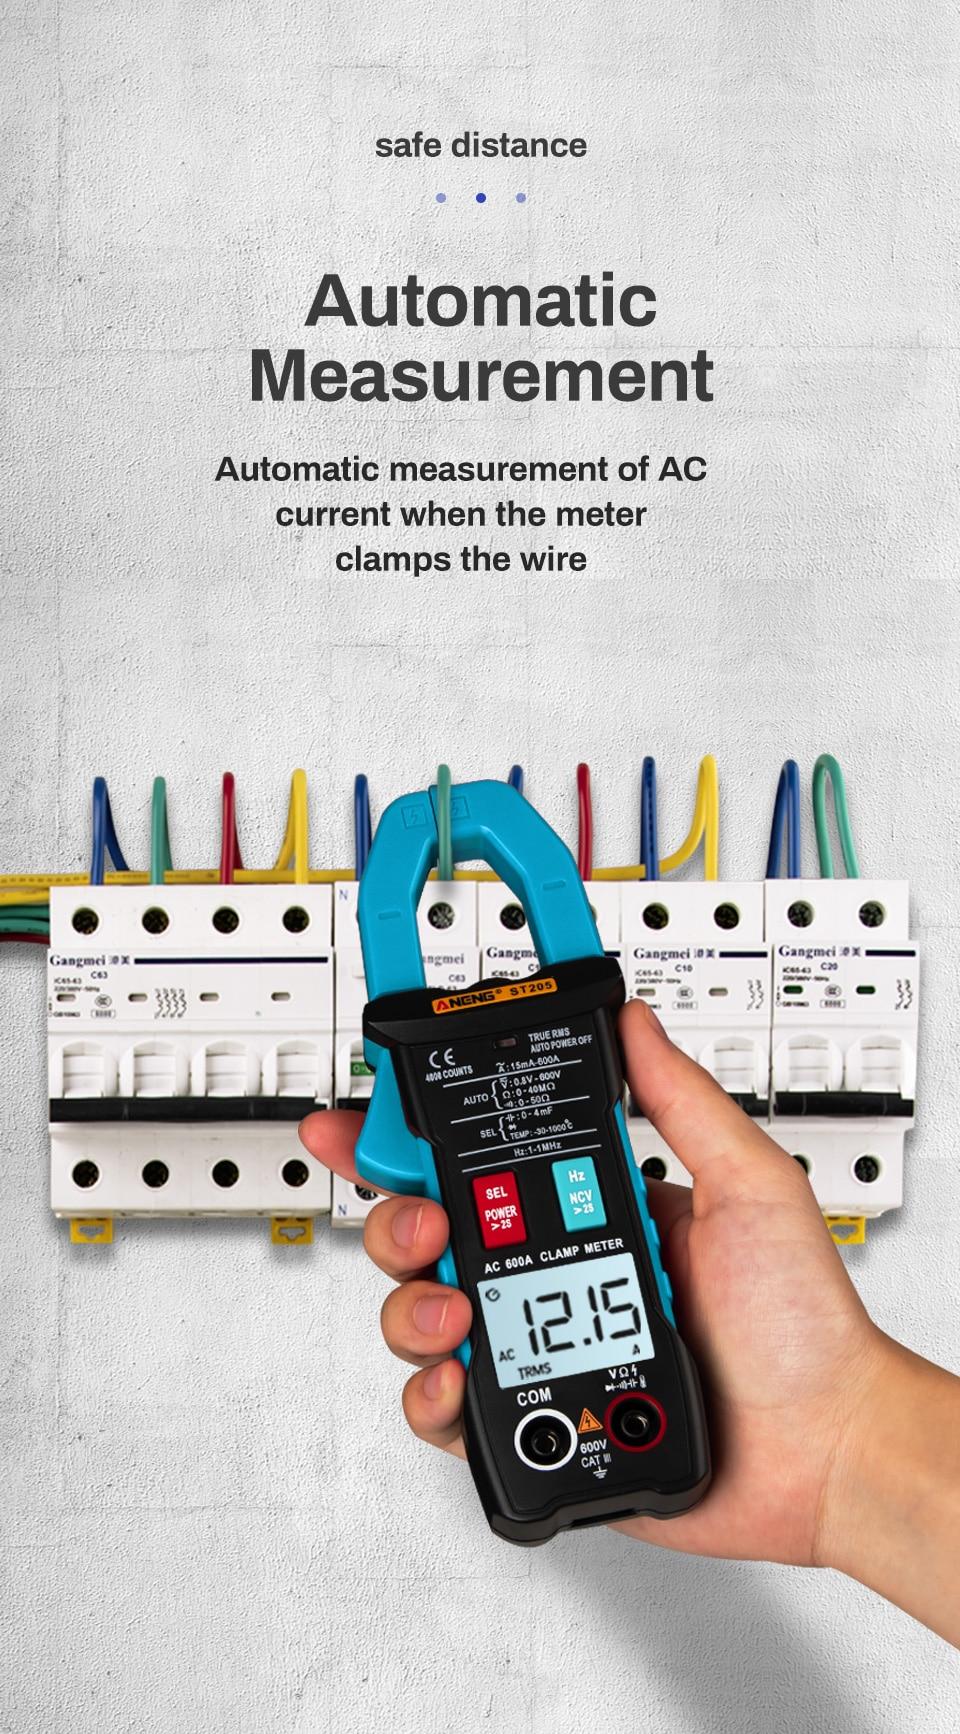 ANENG ST205 цифровой клещи аналоговый мультиметр токовые клещи DC/AC Интеллектуальный автоматический измеритель диапазона с тестером температуры